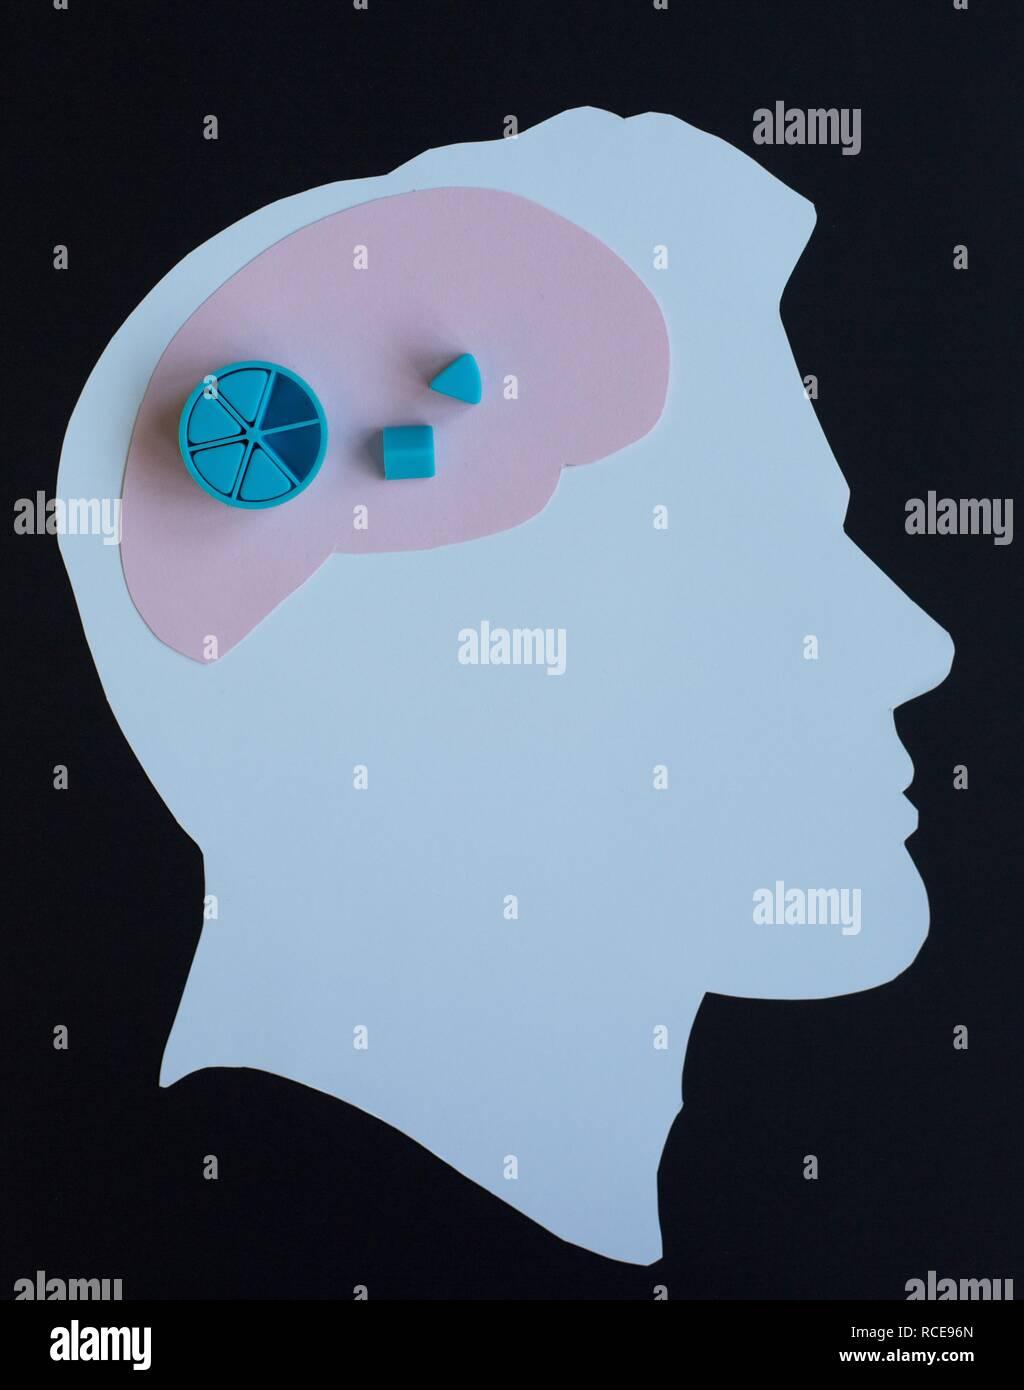 """Taglio carta silhouette di un uomo con il cervello e il 'missing pezzi"""". Foto Stock"""